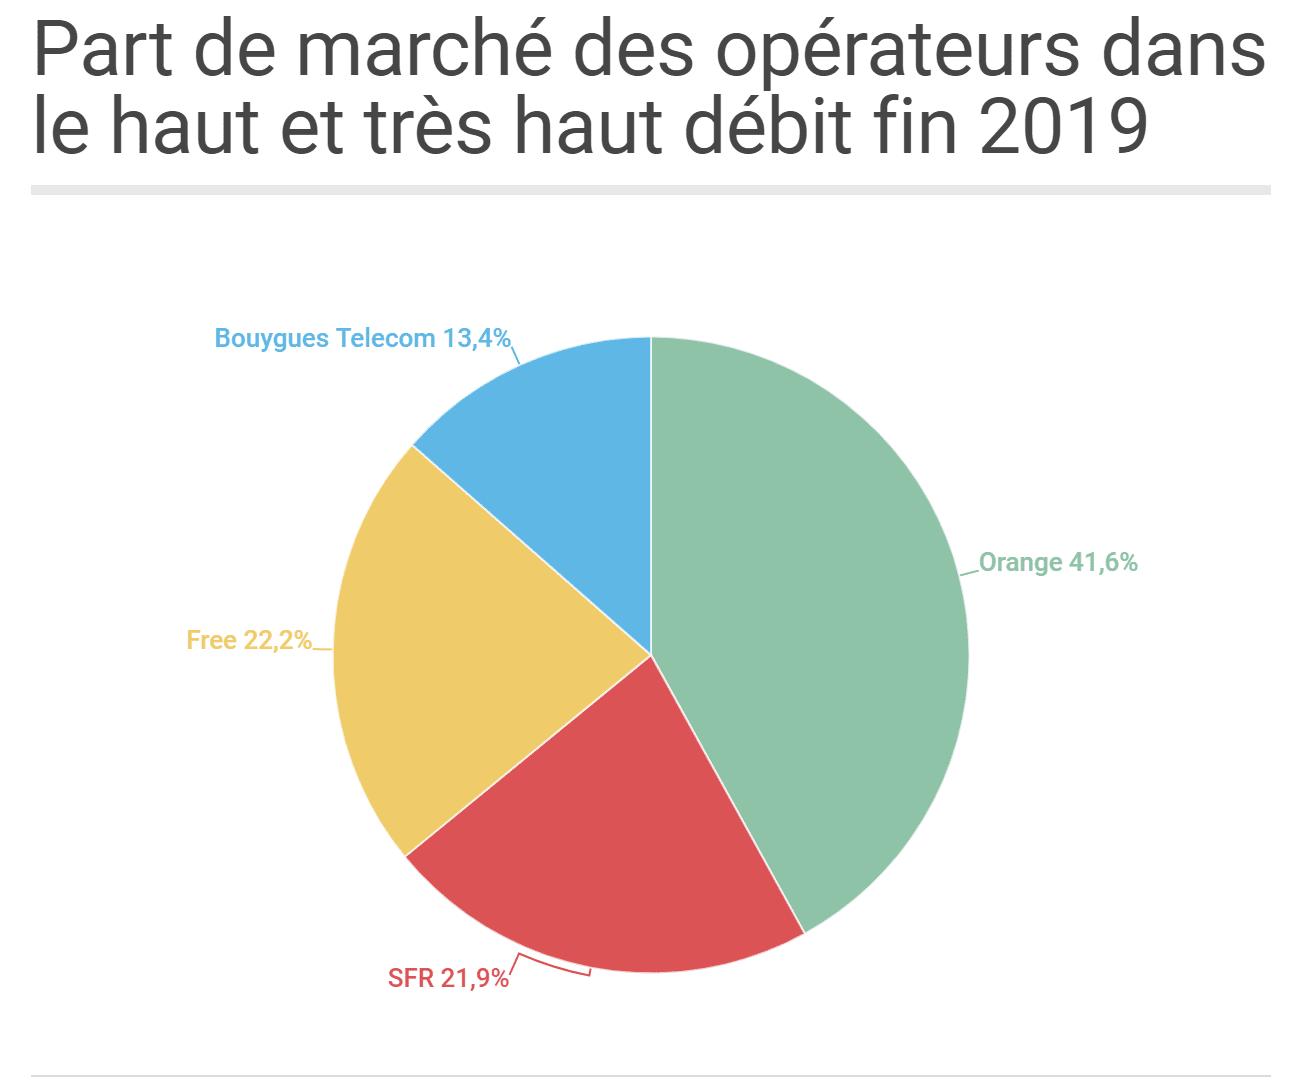 Part de marché des FAI en France en 2019